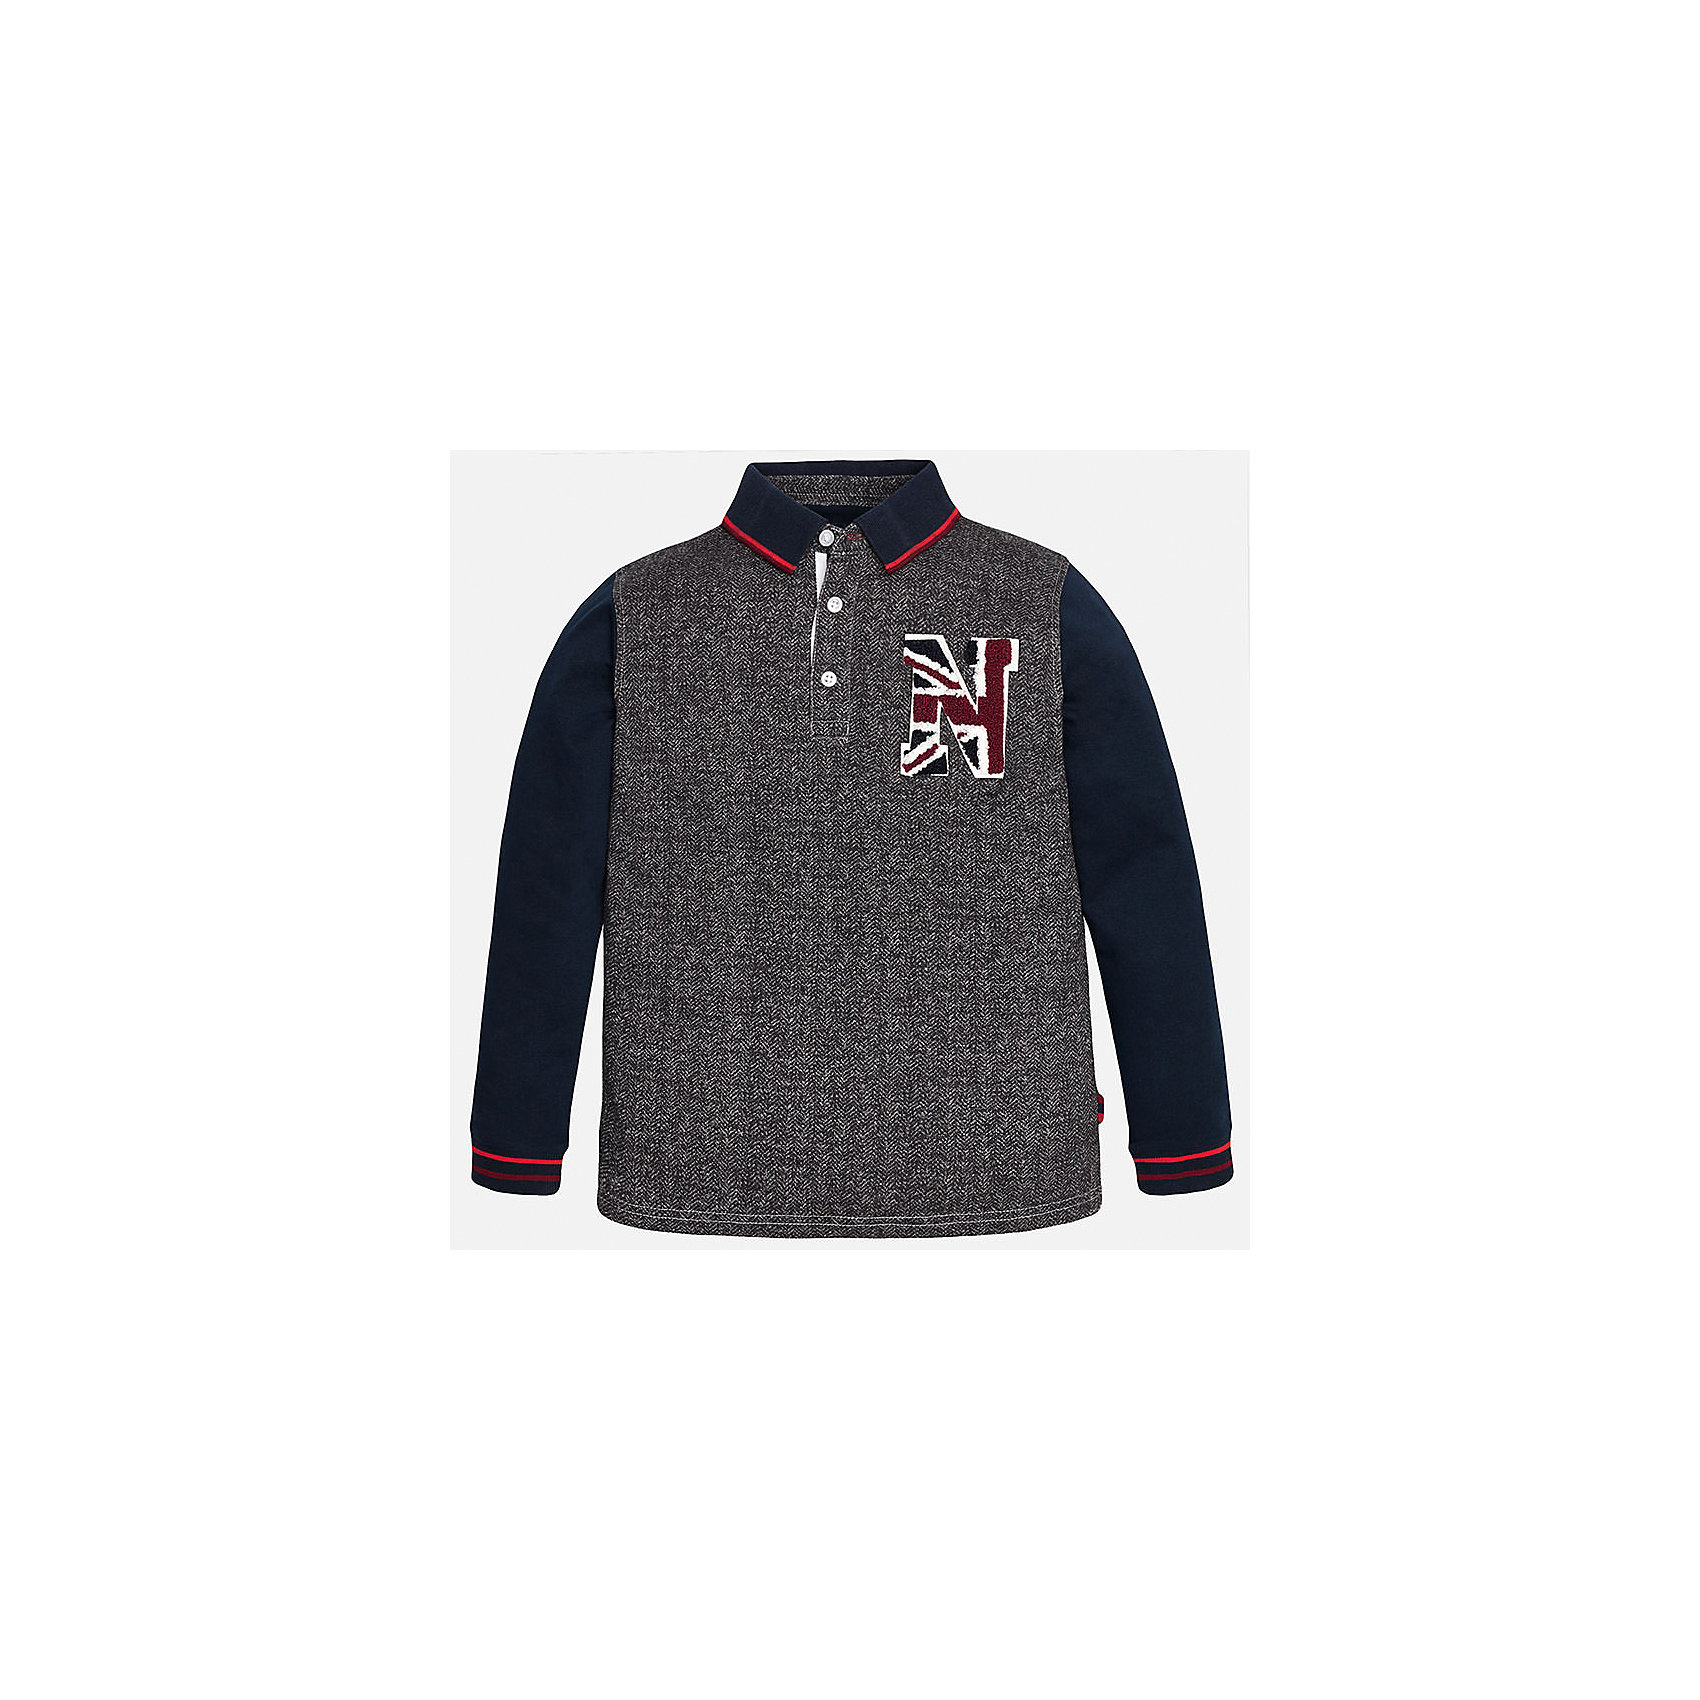 Футболка-поло с длинным рукавом для мальчика MayoralФутболки с длинным рукавом<br>Рубашка-поло для мальчика из коллекции осень-зима 2016-2017 известного испанского бренда Mayoral (Майорал). Стильная и удобная рубашка на каждый день. Пестрая ткань серо-белого цвета прекрасно сочетается с темно-синими рукавами и красными полосками на откидном воротничке и манжетах (манжеты пресдтавлены в виде трикотажной резинки). Рубашка застегивается на три пуговицы с дизайном, а качественная махровая нашивка в спортивном стиле придет по вкусу вашему ребенку. Рубашка-поло отлично подойдет как к брюкам, так и к джинсам или штанам спортивного стиля, кроме того, ее можно носить поверх обычной рубашки.<br><br>Дополнительная информация:<br><br>- Рукав: длинный<br>- Силуэт: прямой<br>Состав: 100% хлопок<br><br>Рубашку- поло для мальчиков Mayoral (Майорал) можно купить в нашем интернет-магазине.<br><br>Подробнее:<br>• Для детей в возрасте: от 9 до 14 лет<br>• Номер товара: 4826822<br>Страна производитель: Индия<br><br>Ширина мм: 174<br>Глубина мм: 10<br>Высота мм: 169<br>Вес г: 157<br>Цвет: серый<br>Возраст от месяцев: 132<br>Возраст до месяцев: 144<br>Пол: Мужской<br>Возраст: Детский<br>Размер: 146/152,158/164,152/158,140/146,128/134,164/170<br>SKU: 4826821